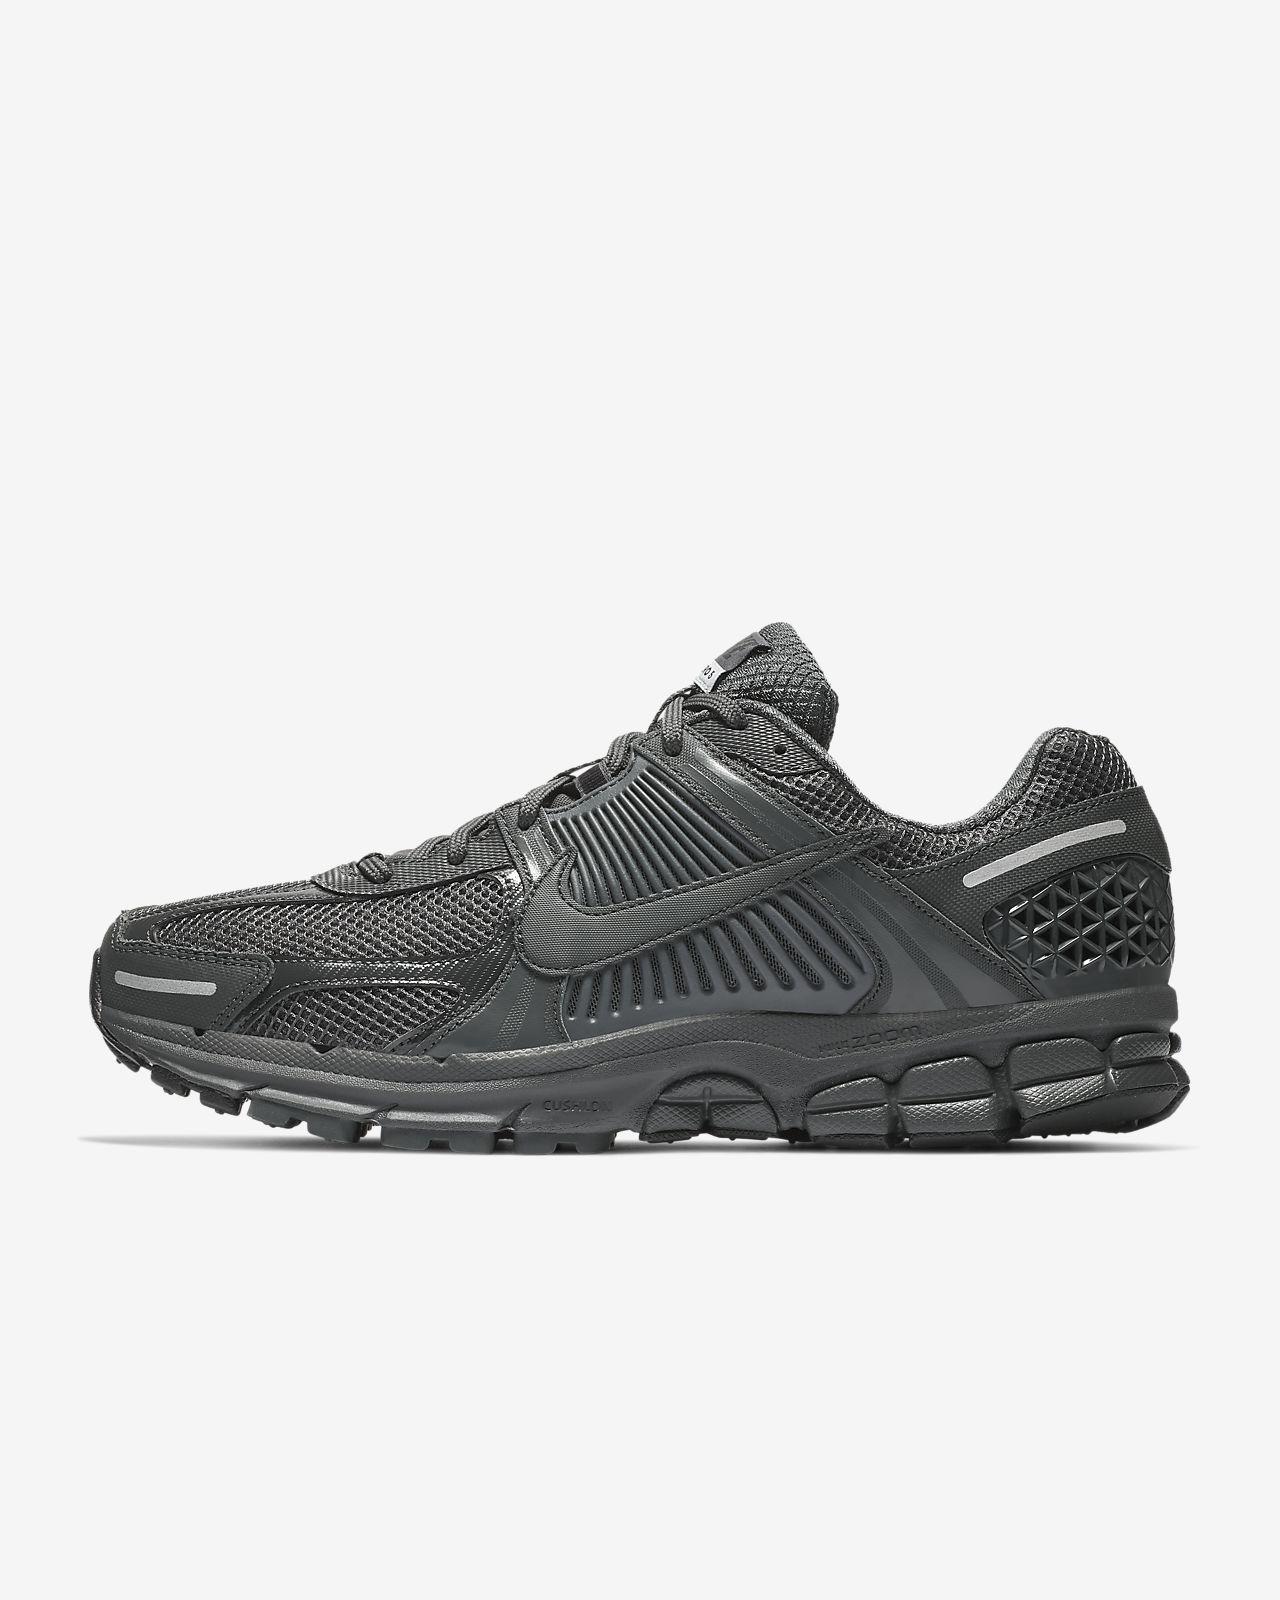 Sko Nike Zoom Vomero 5 SP för män